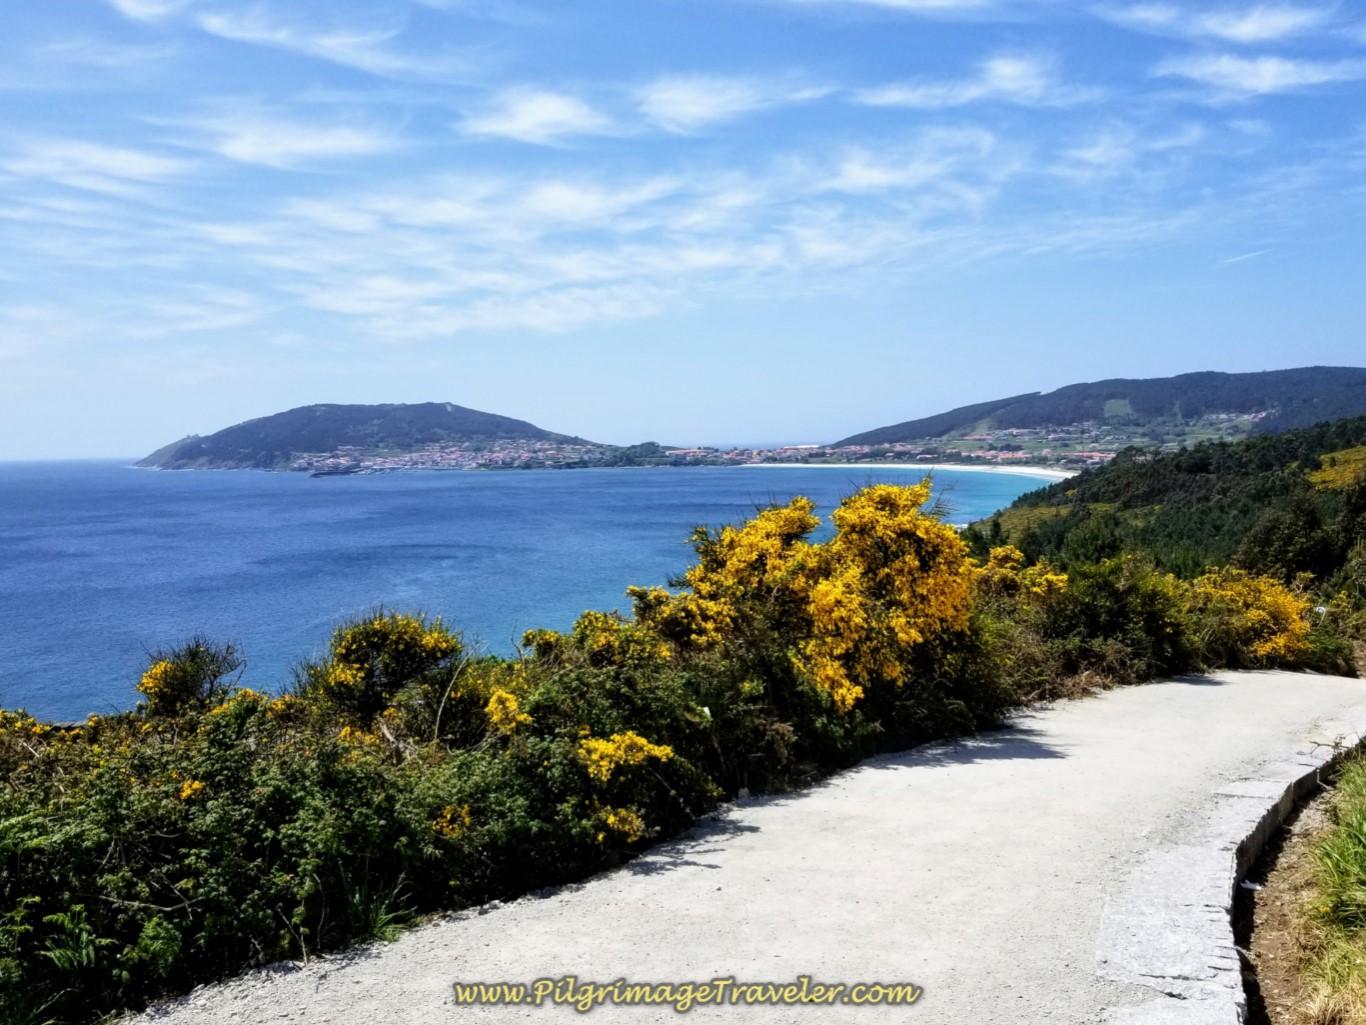 Day Three ~ Olveiroa to Finisterre, 31.6 Km (19.64 Miles)